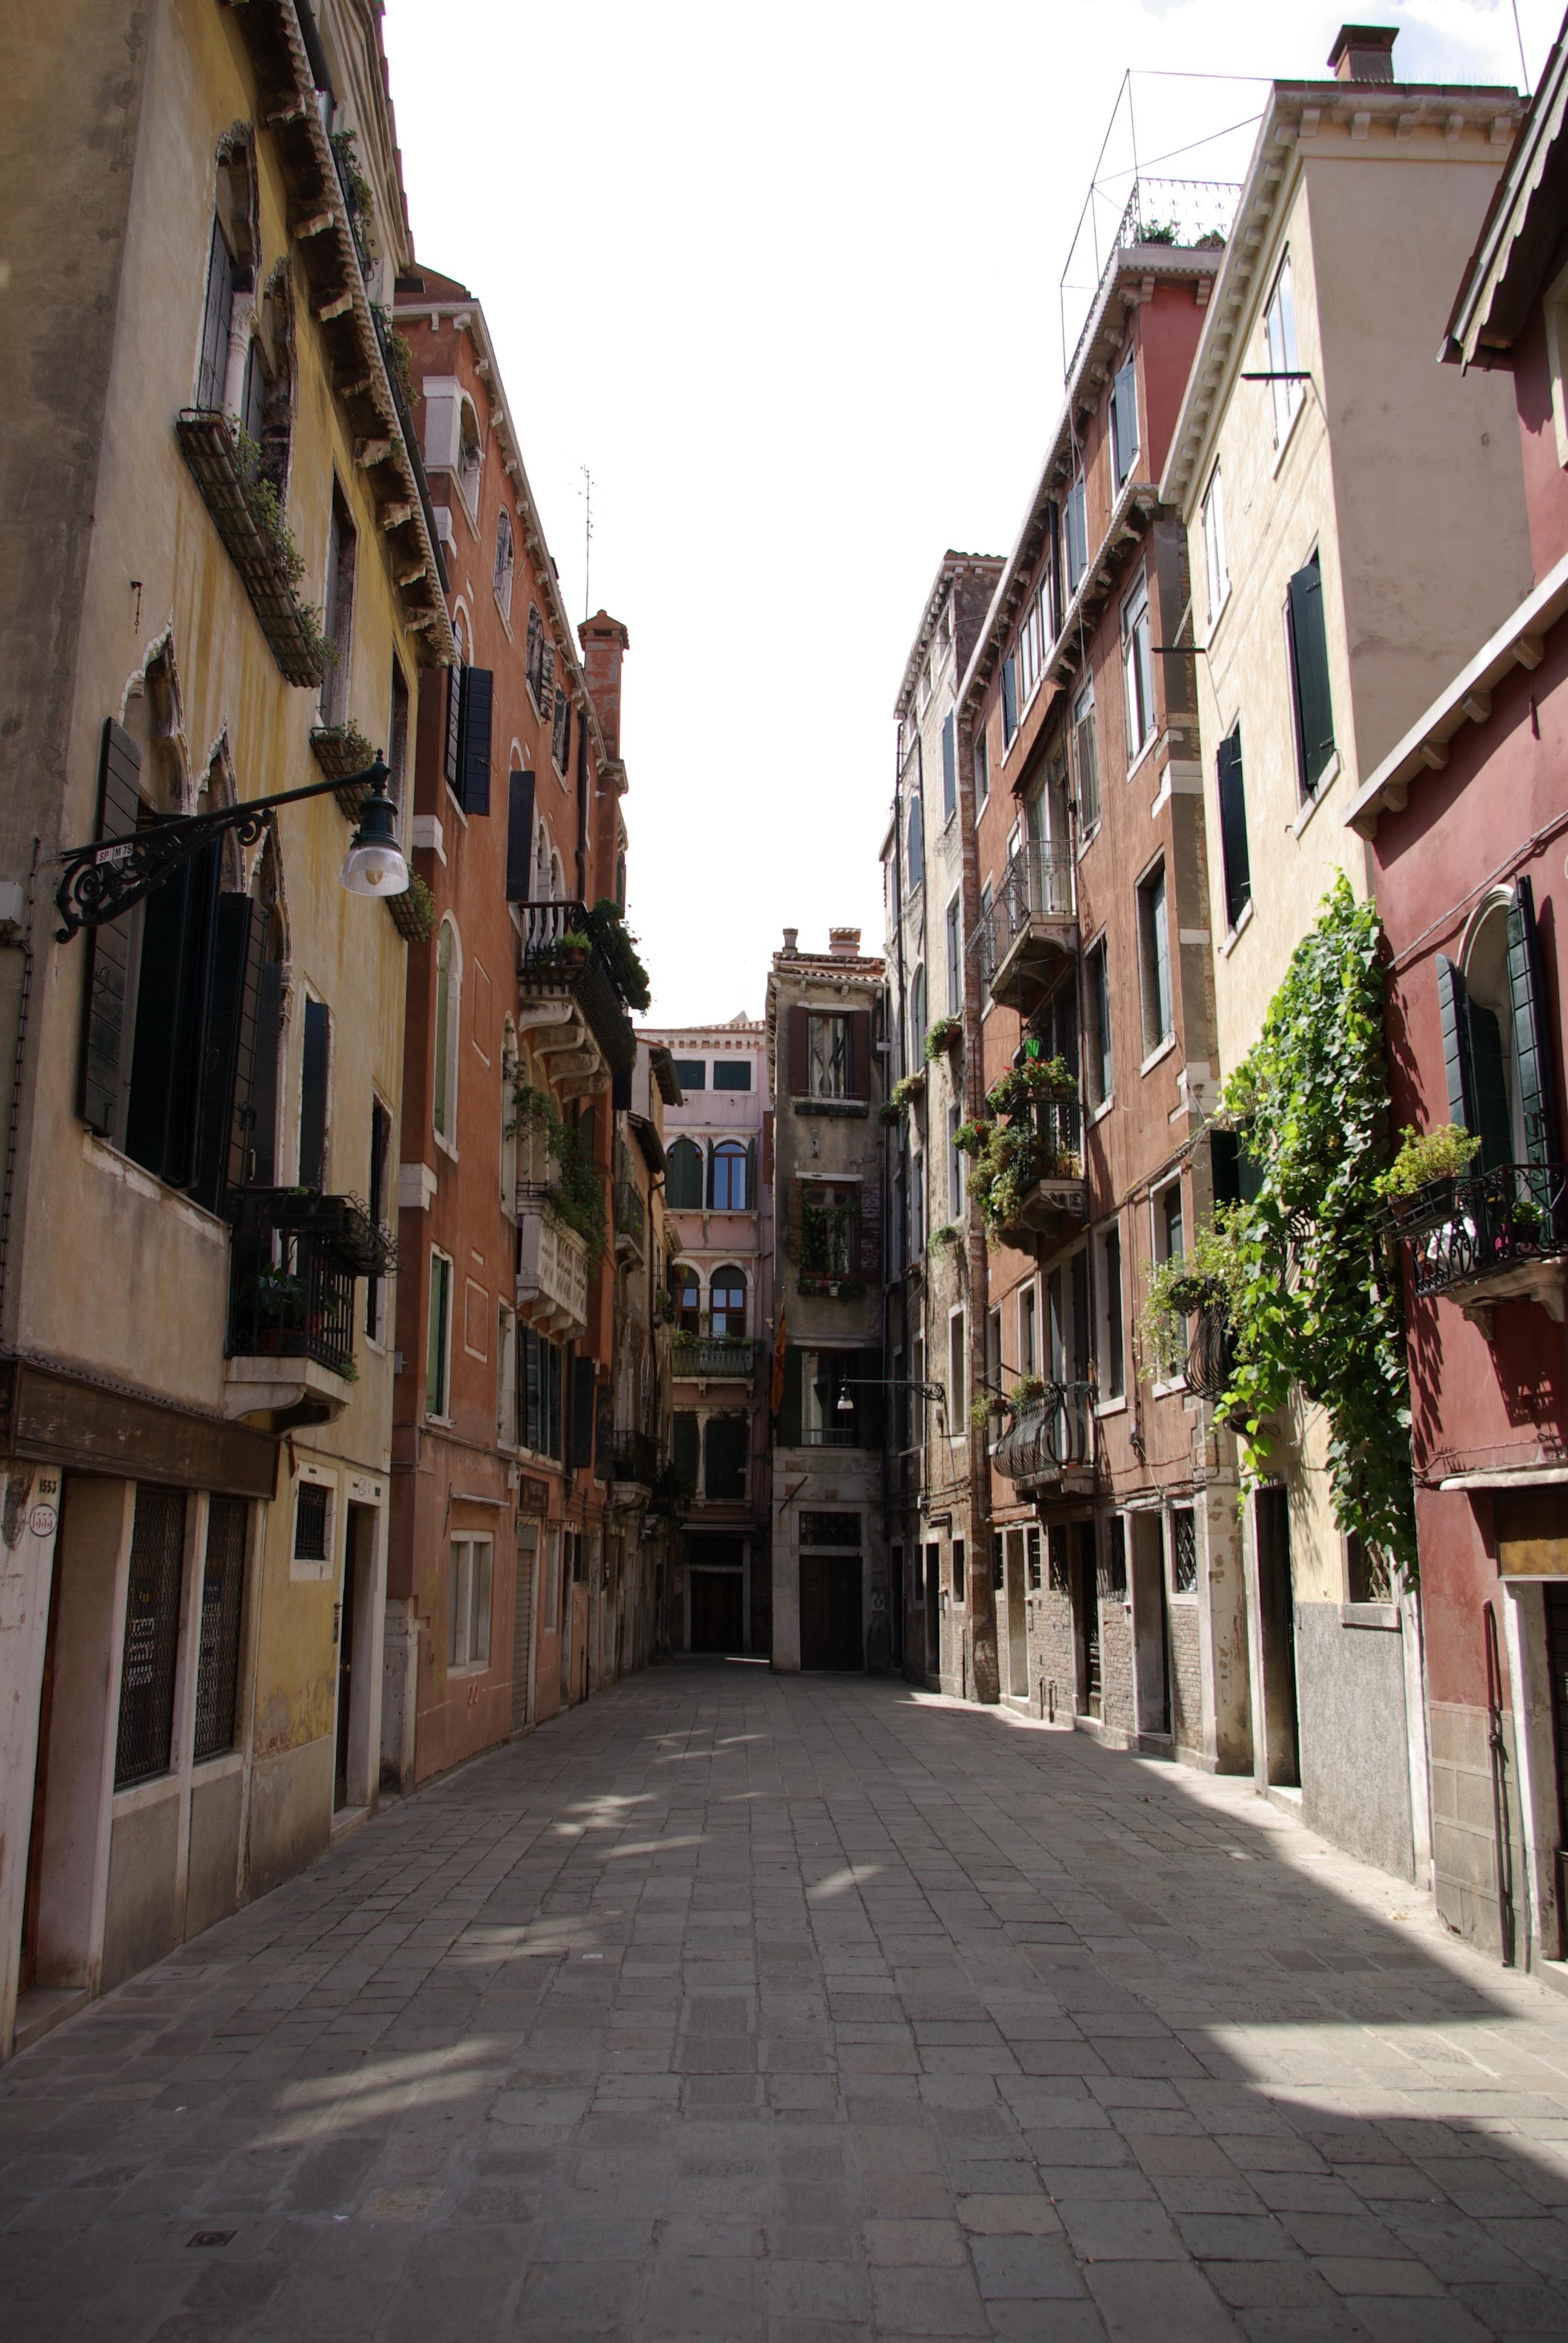 calle stretto venice - photo#9